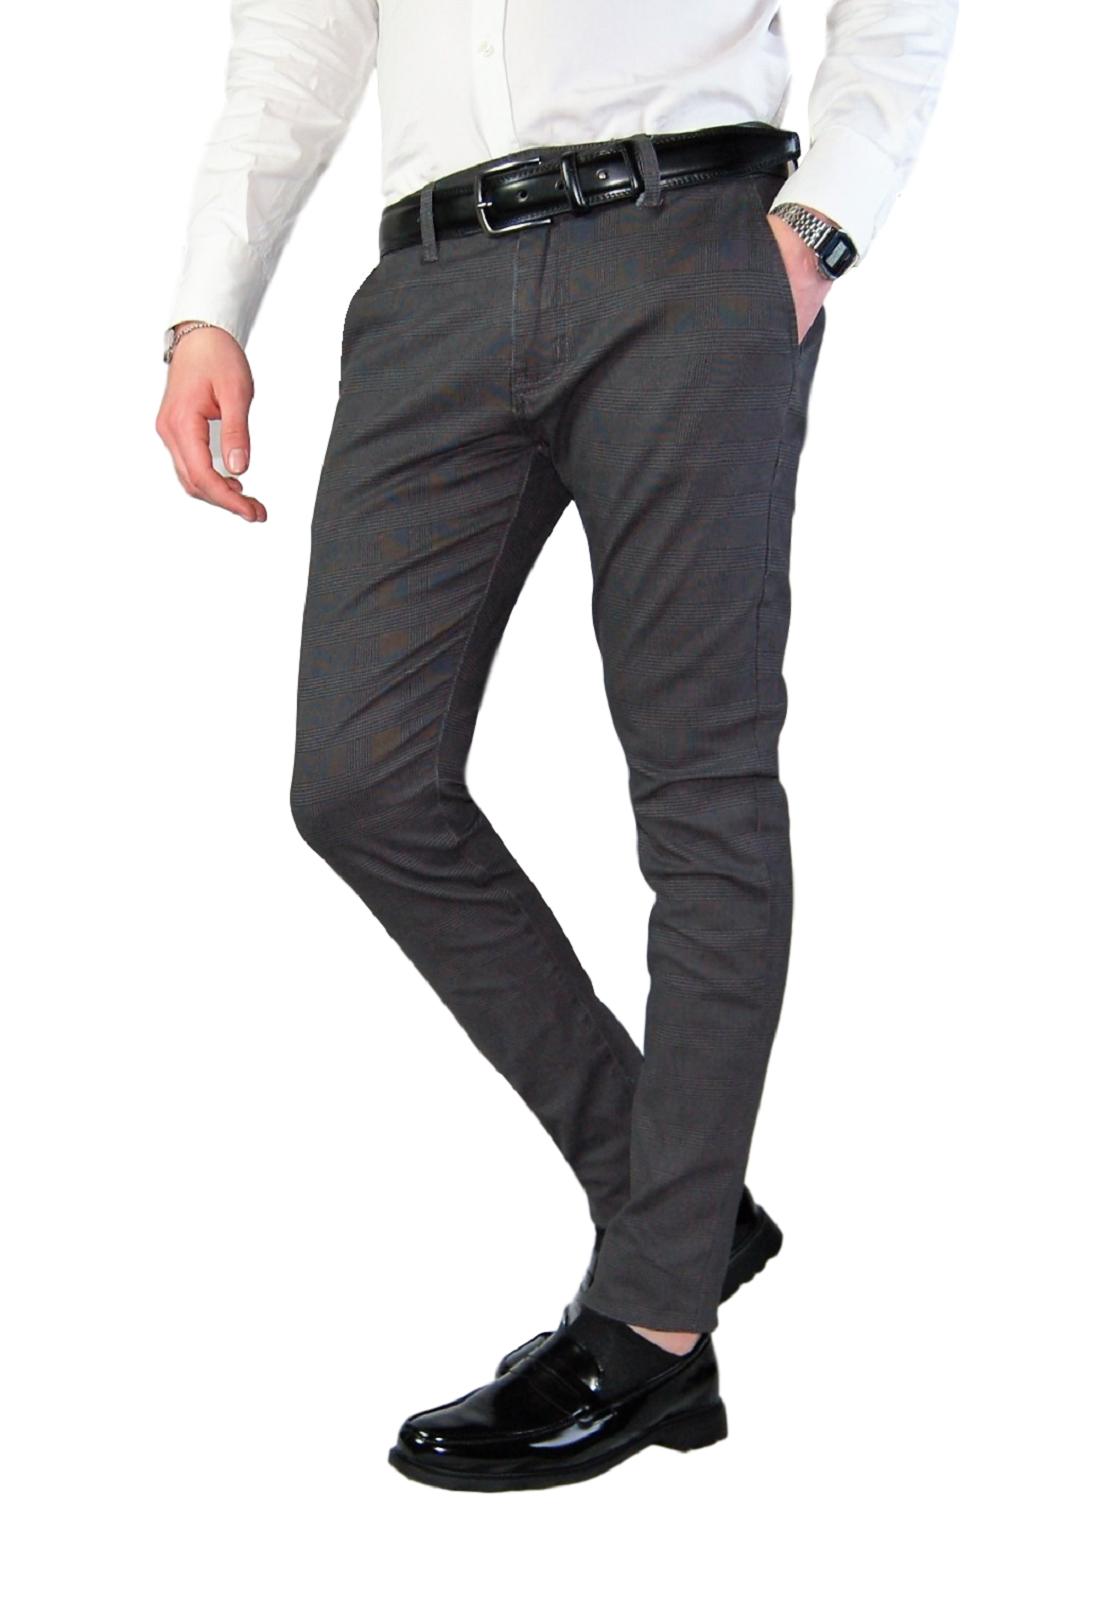 Pantalone-Uomo-Chino-Slim-Fit-Elegante-Quadri-Principe-di-Galles-Primaverile miniatura 13